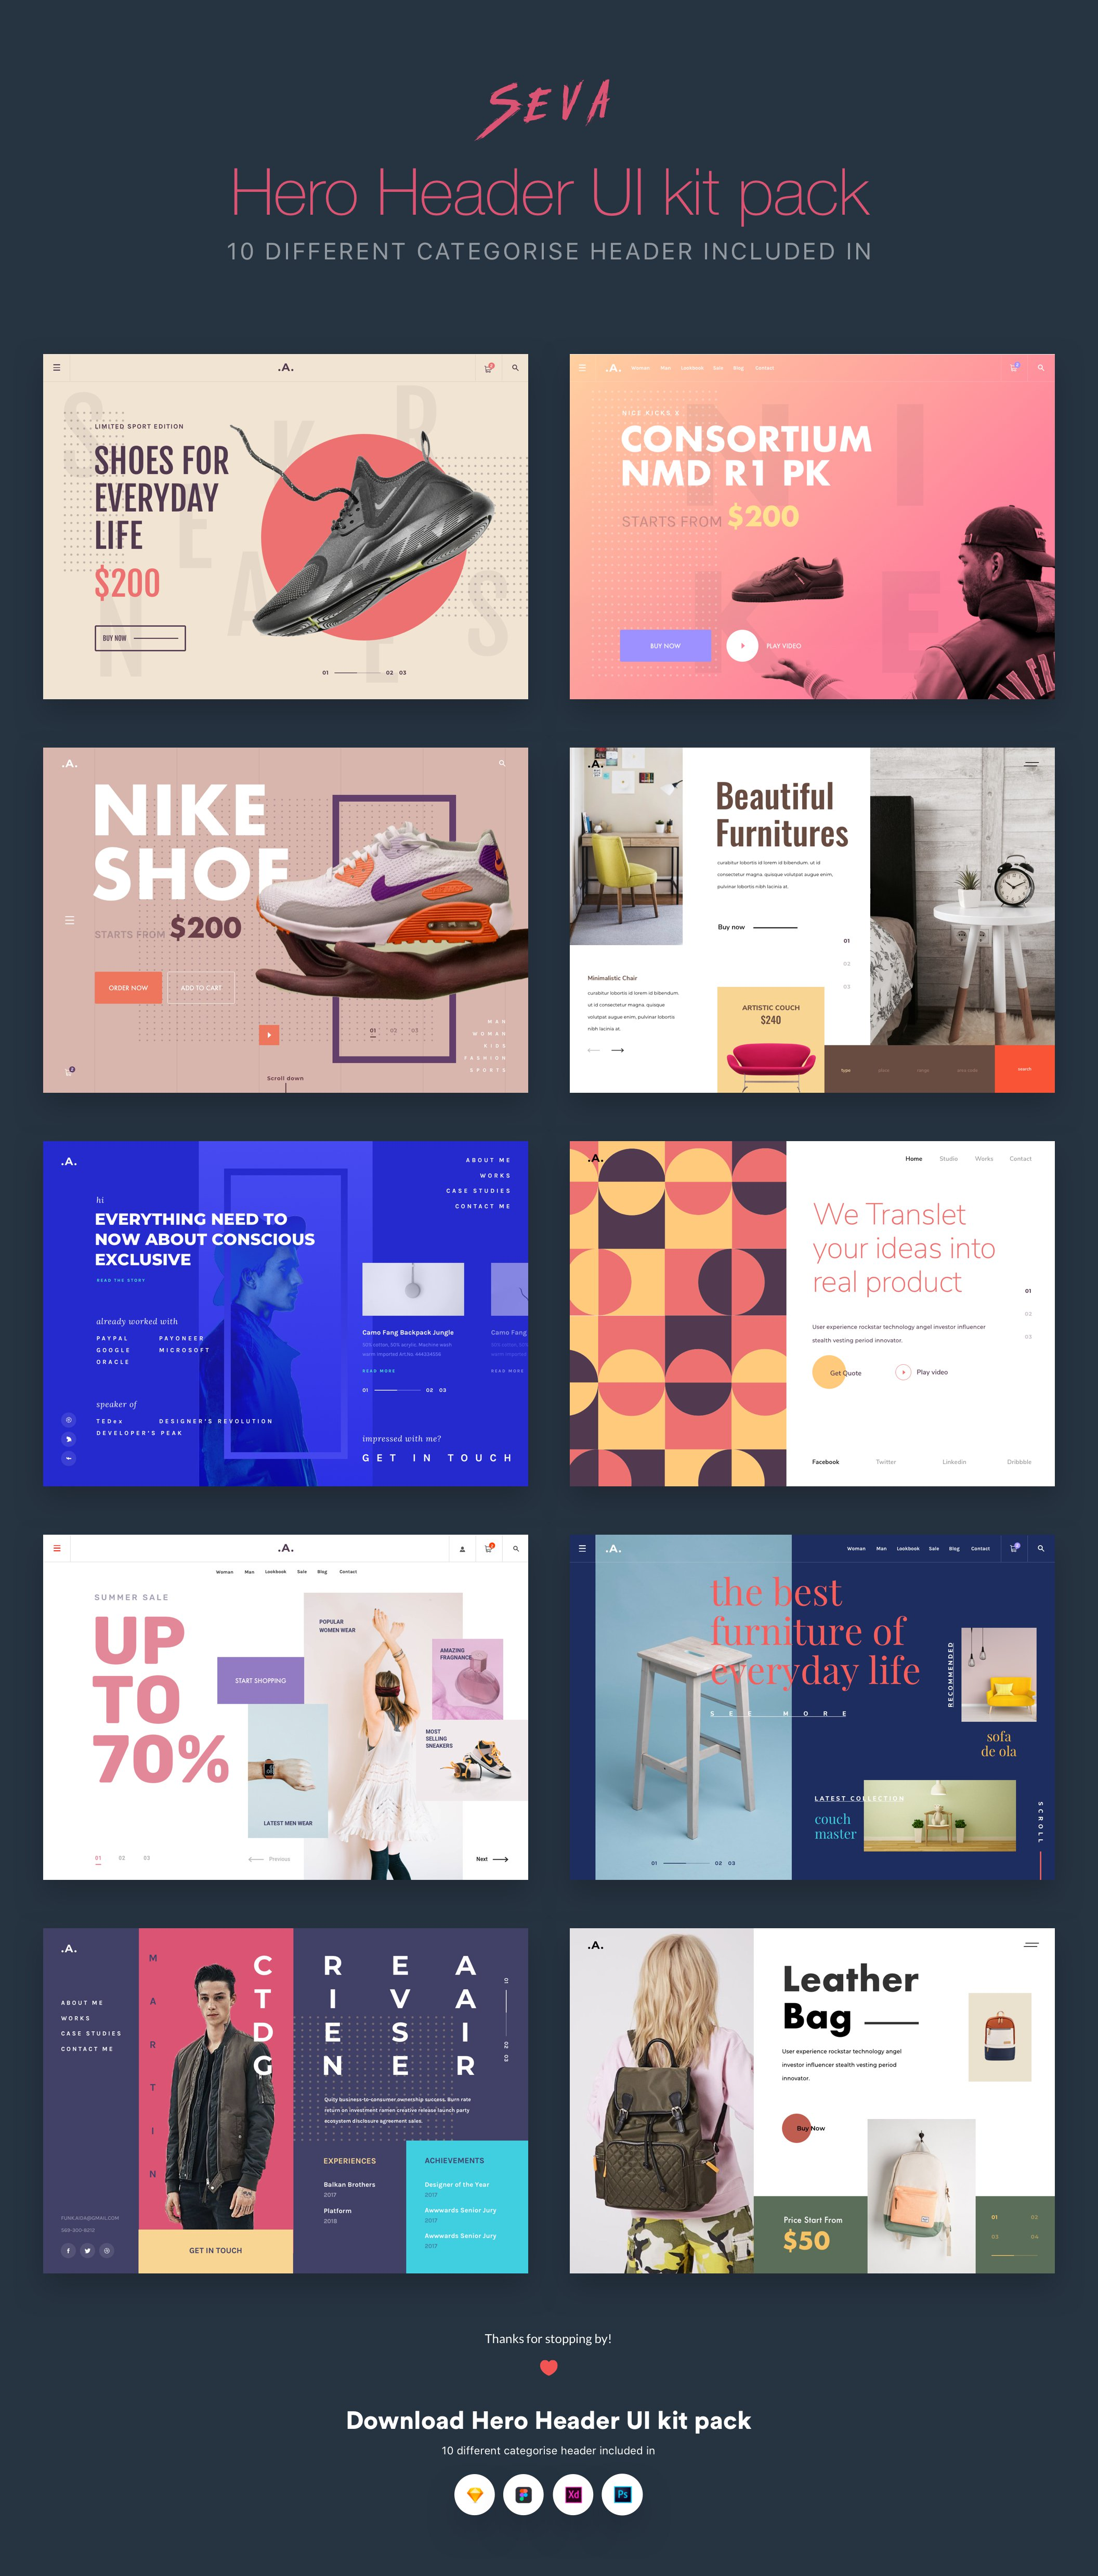 精品电商网页WEB购物 UI设计展示图模板 Seva header ui kit pack